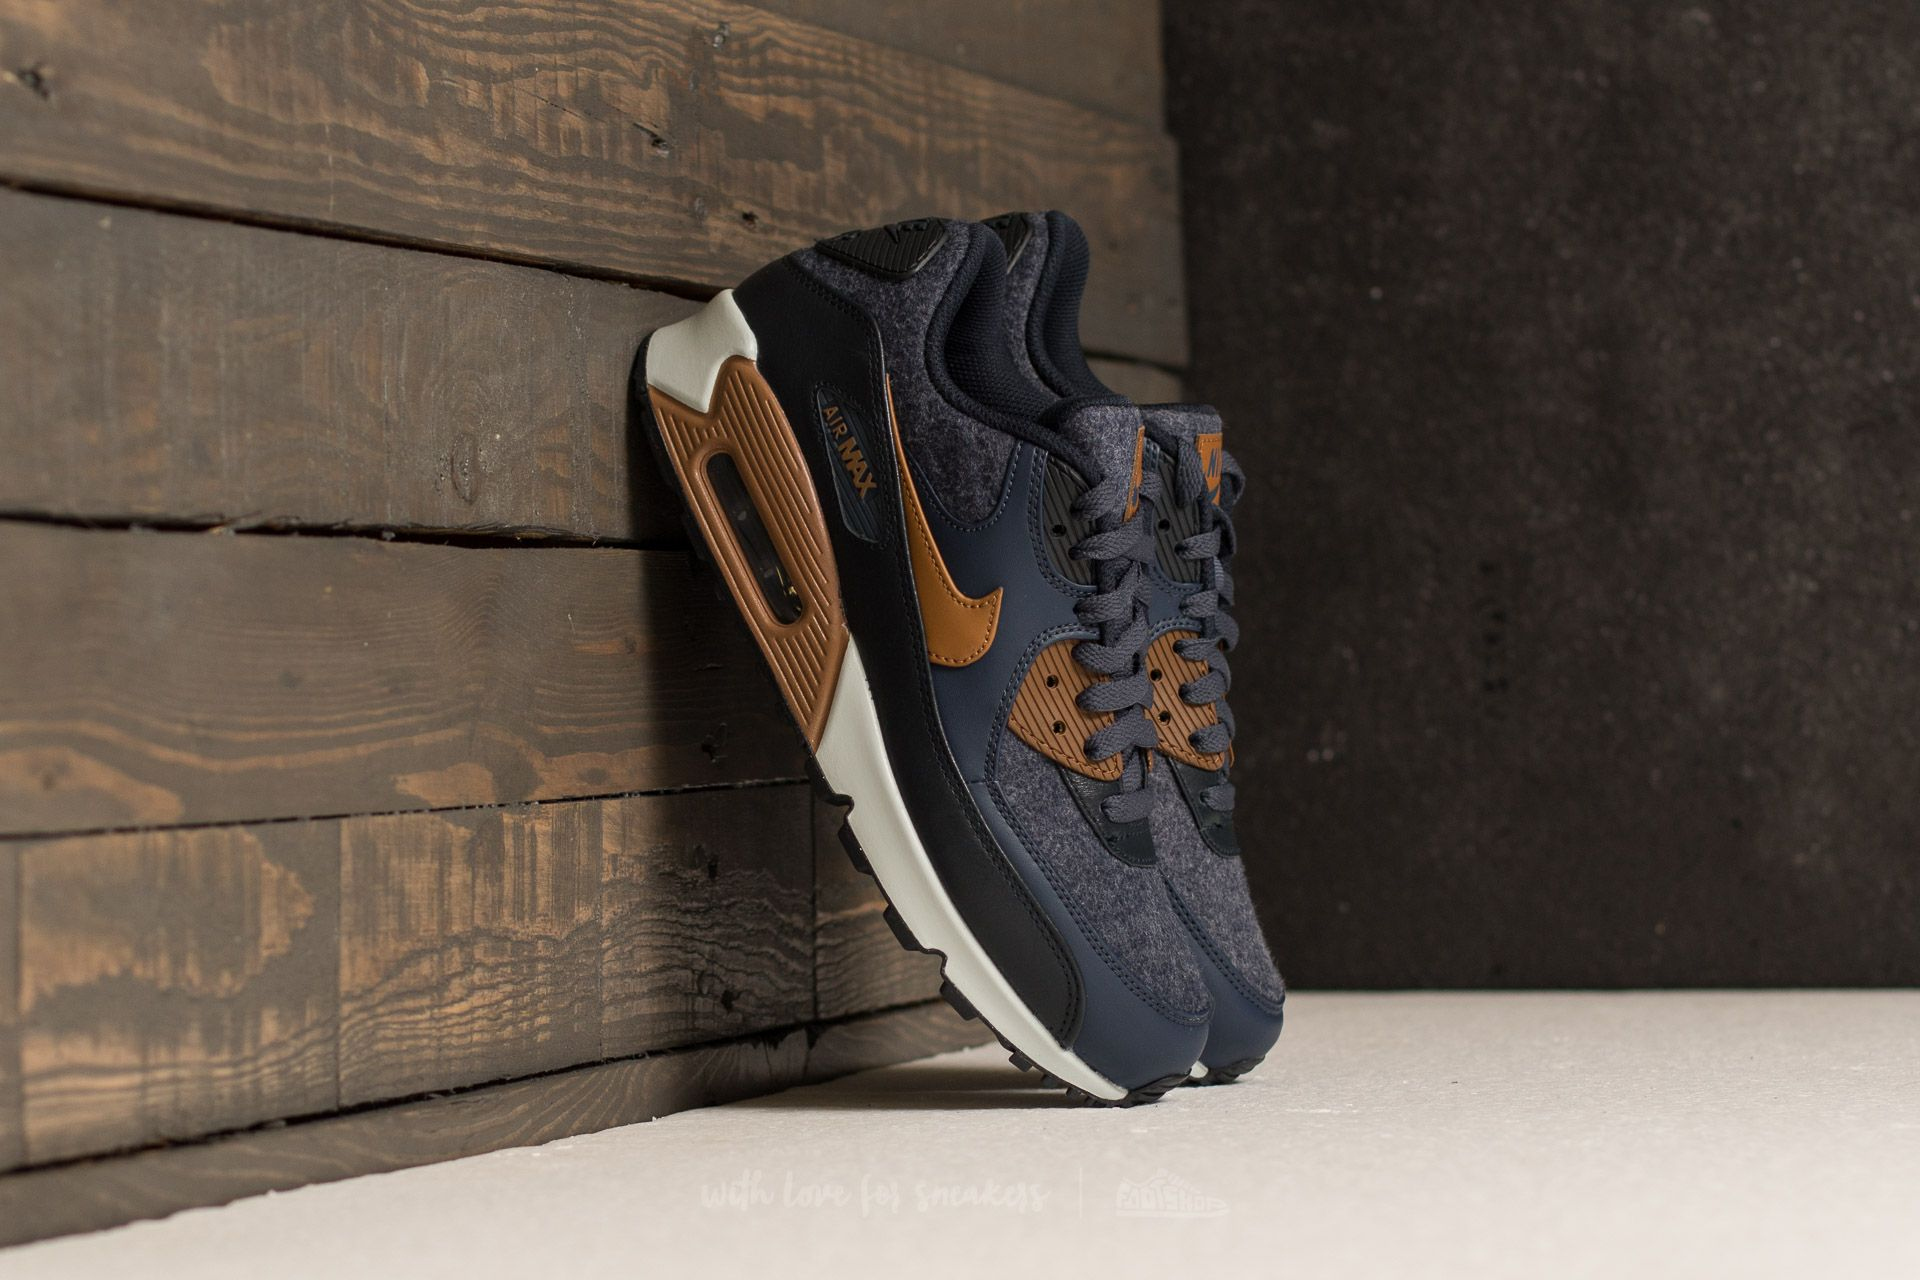 sale retailer 299bf 164ab Nike Air Max 90 Premium. Thunder Blue  Ale Brown